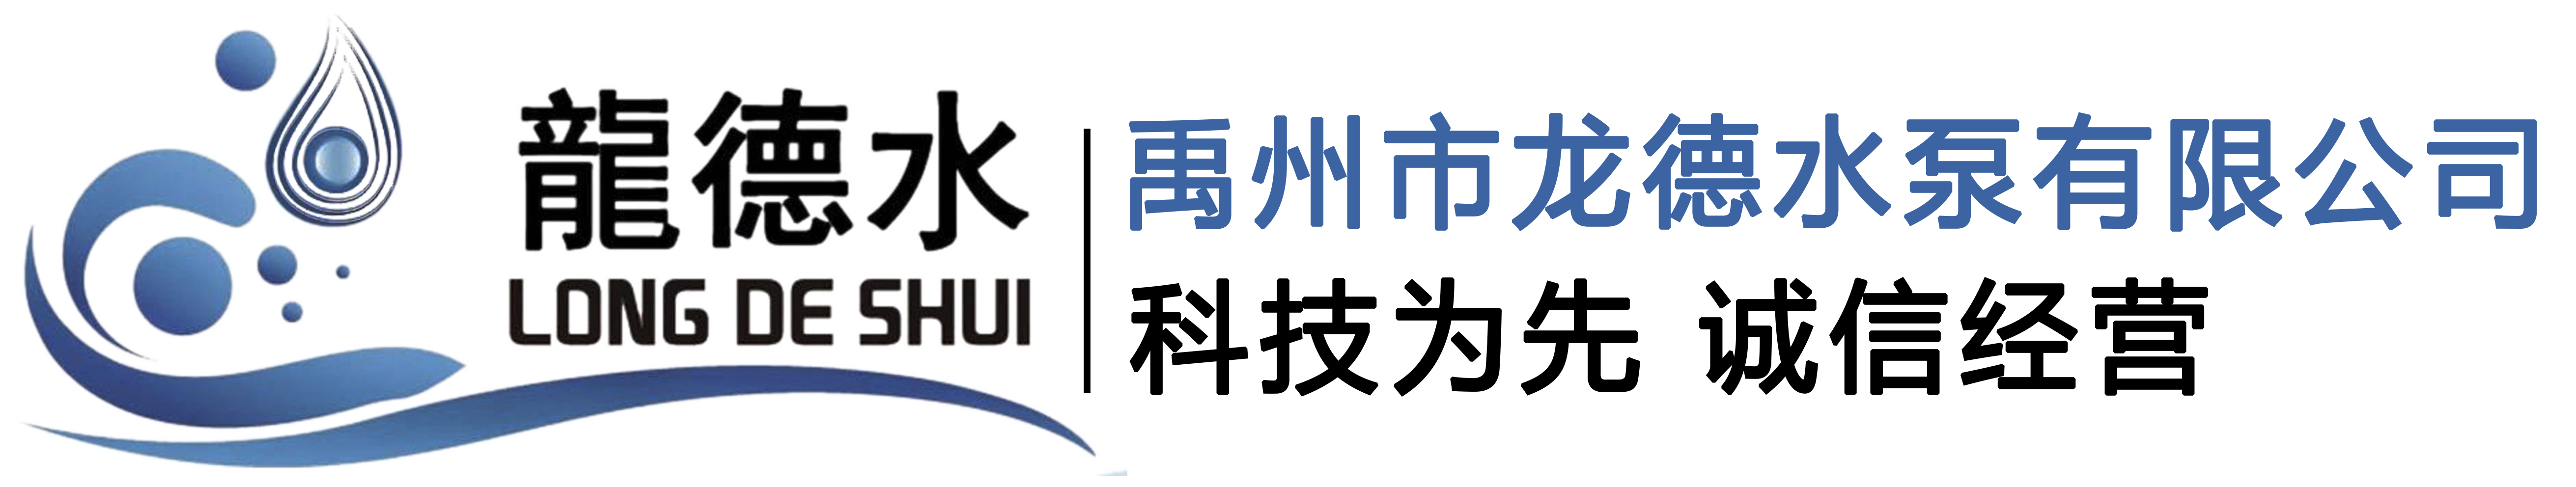 禹州市龙德水泵有限公司